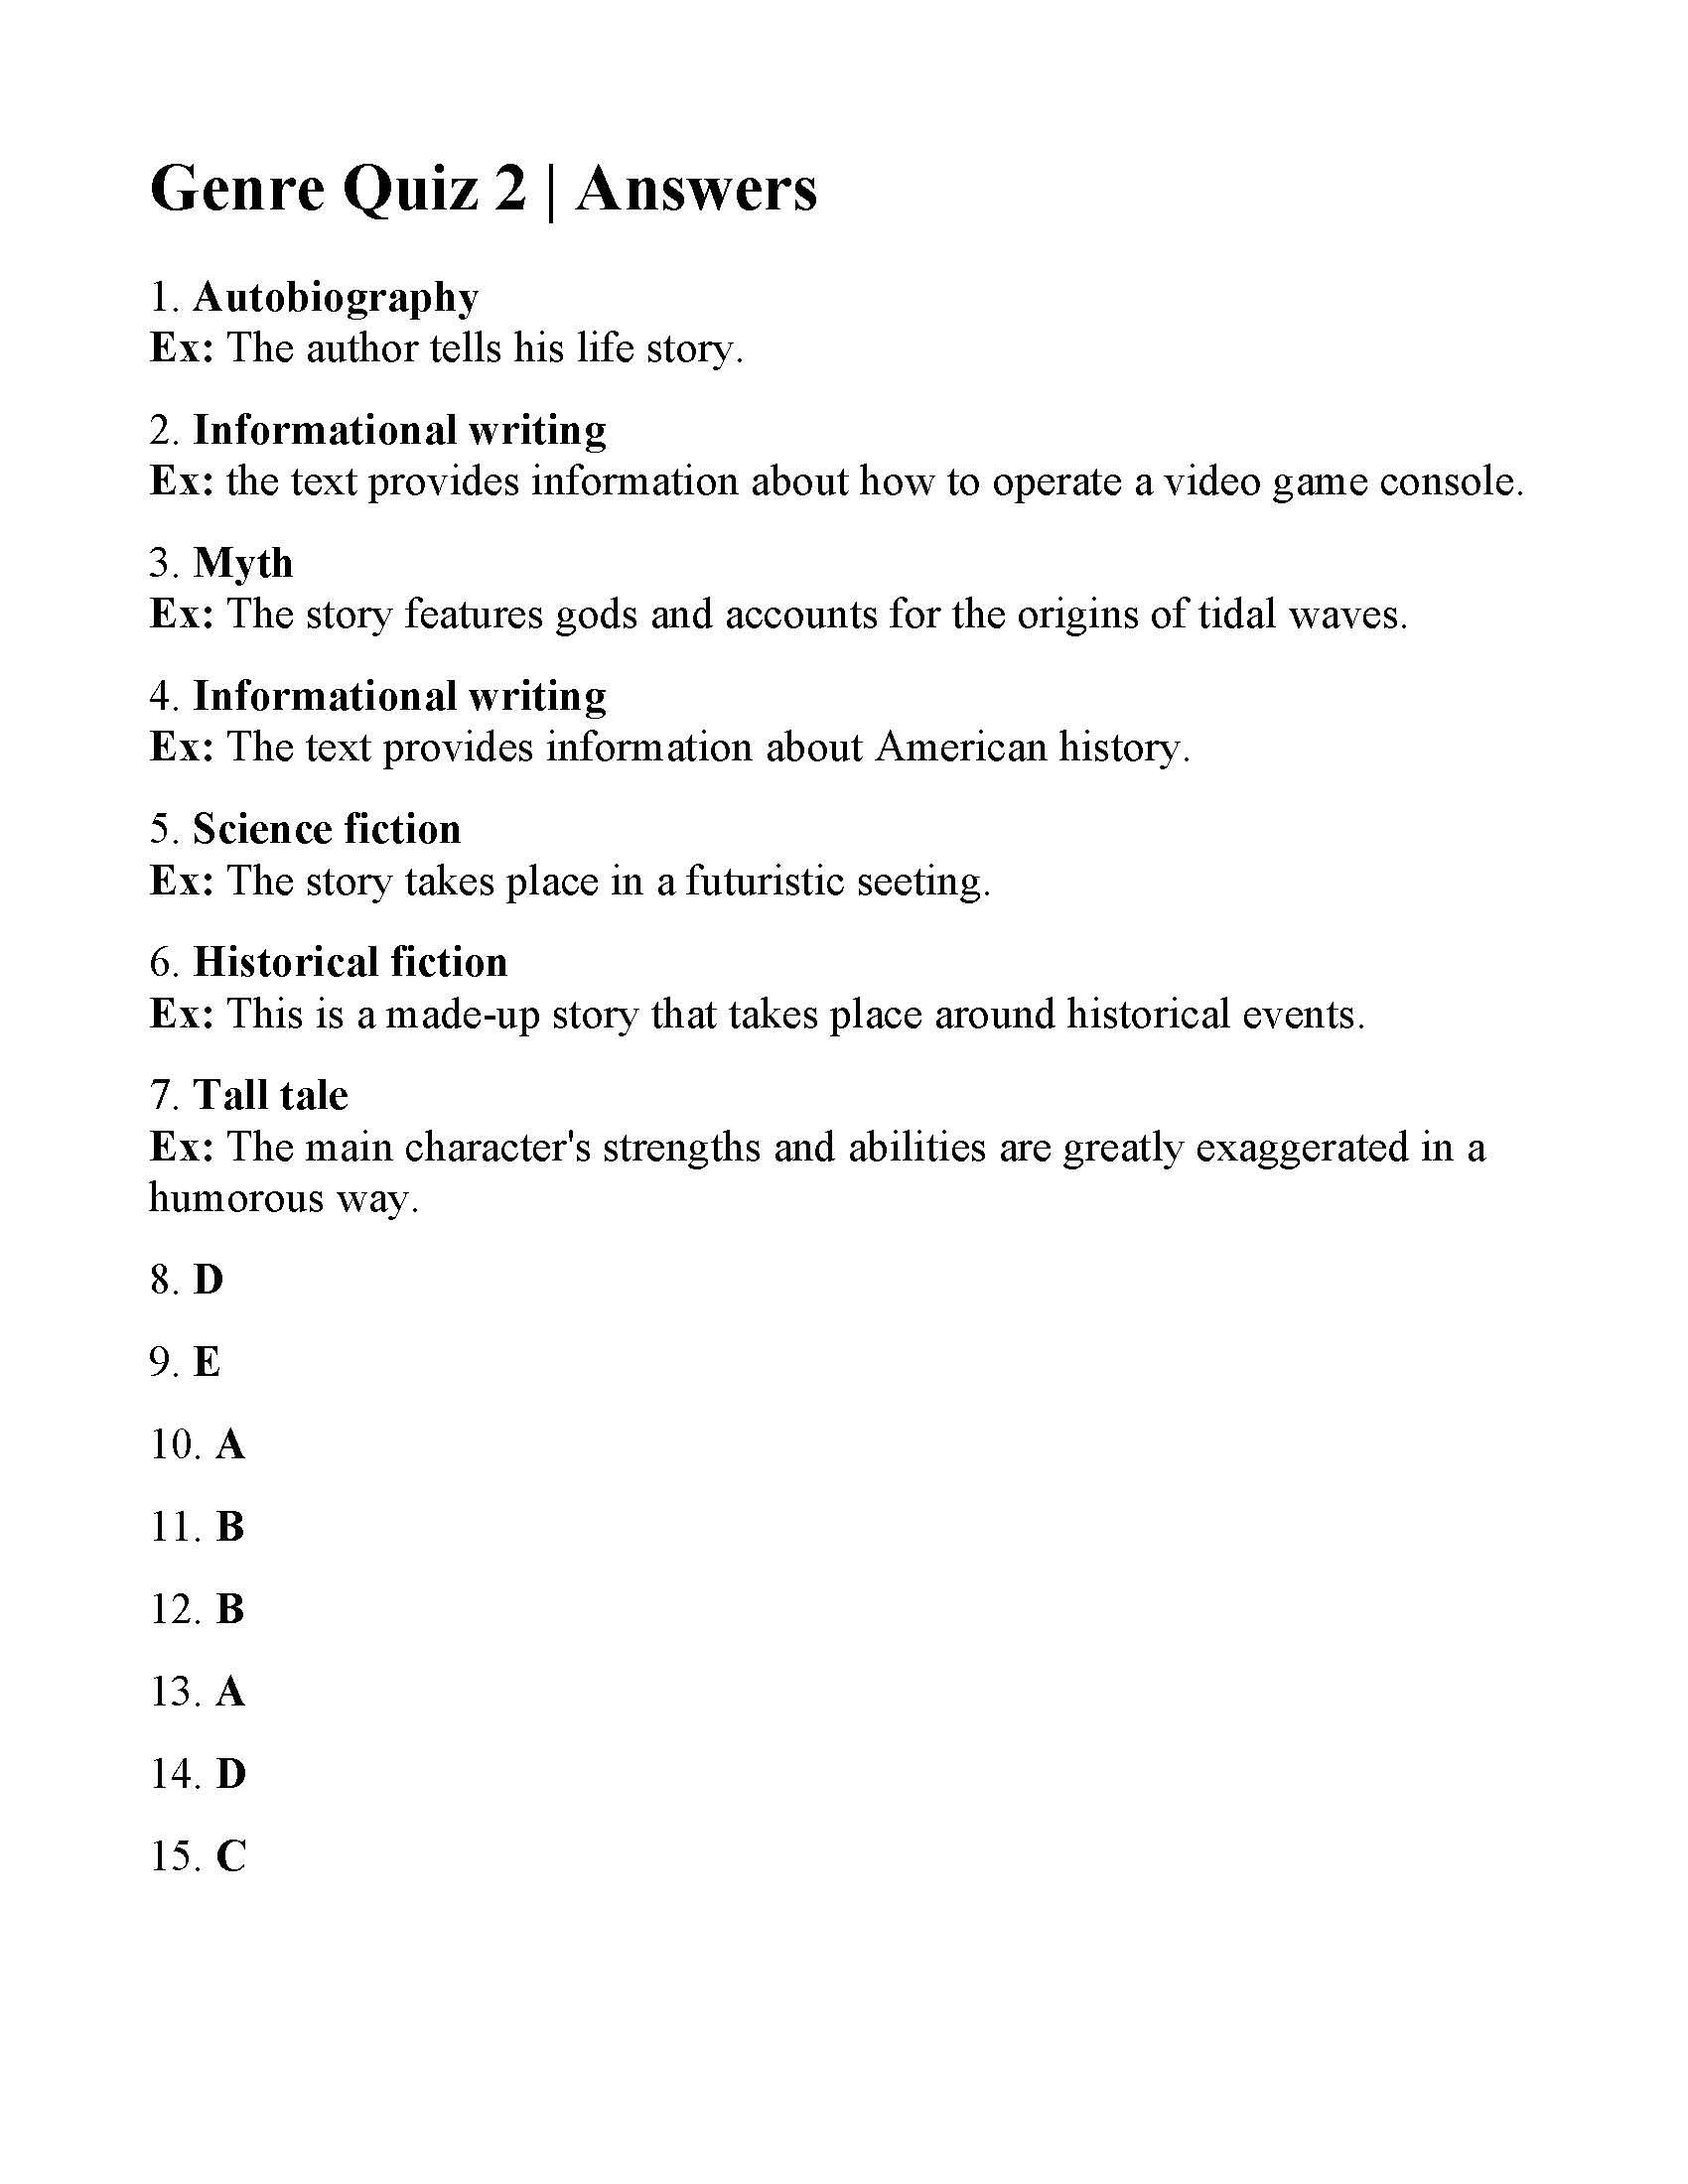 Genre Quiz 2